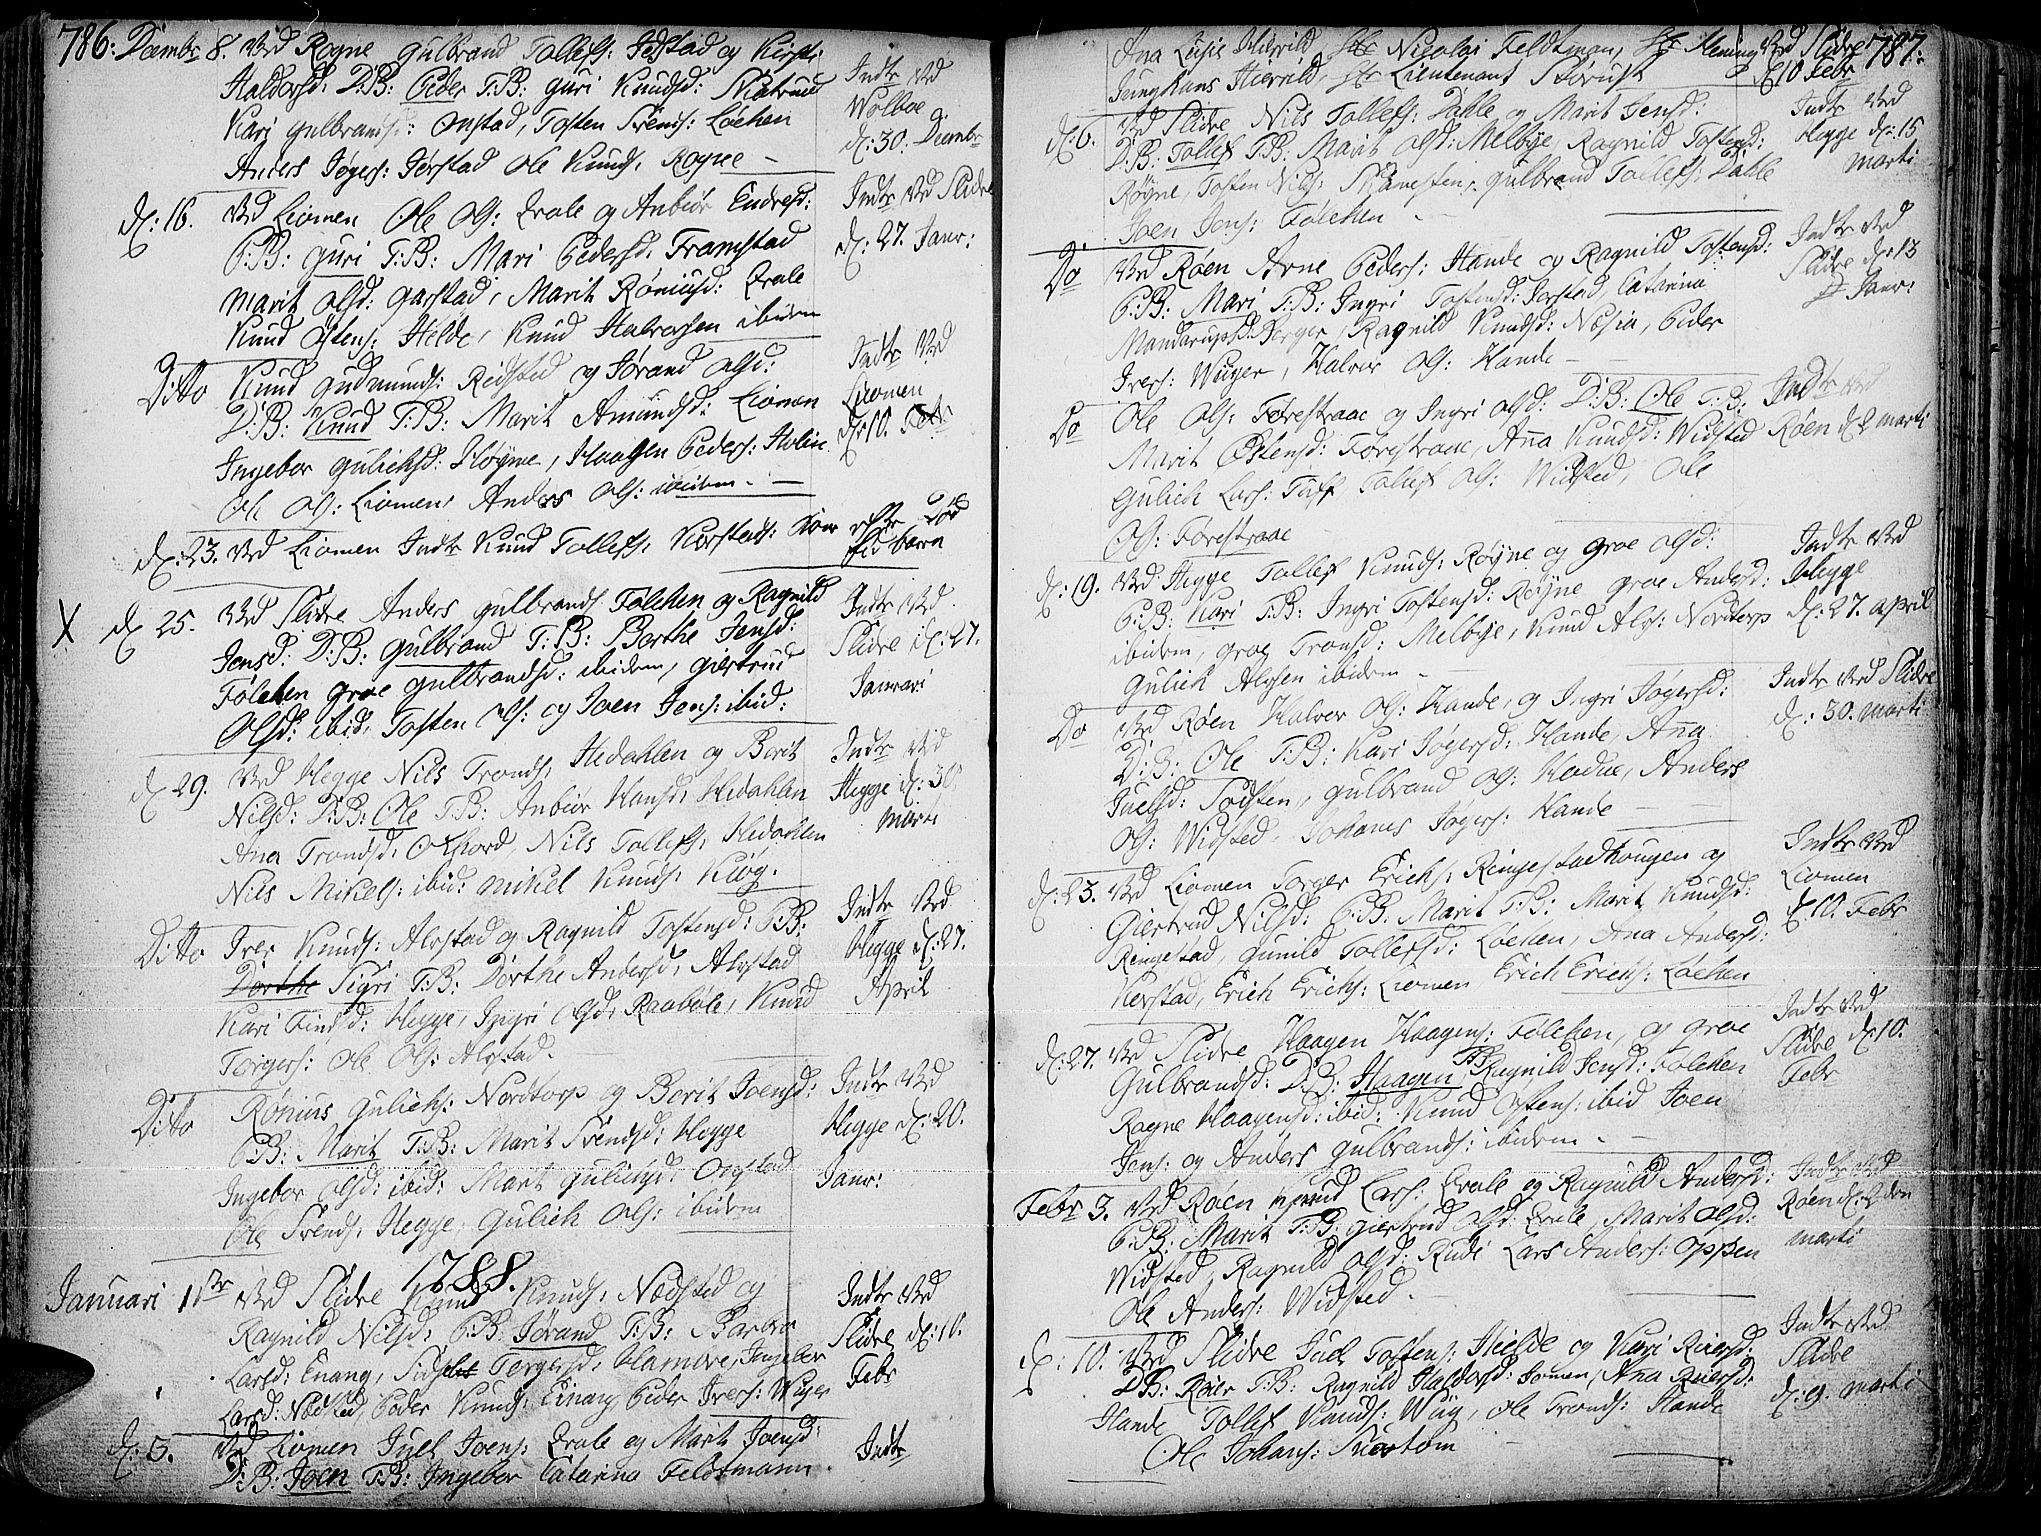 SAH, Slidre prestekontor, Ministerialbok nr. 1, 1724-1814, s. 786-787